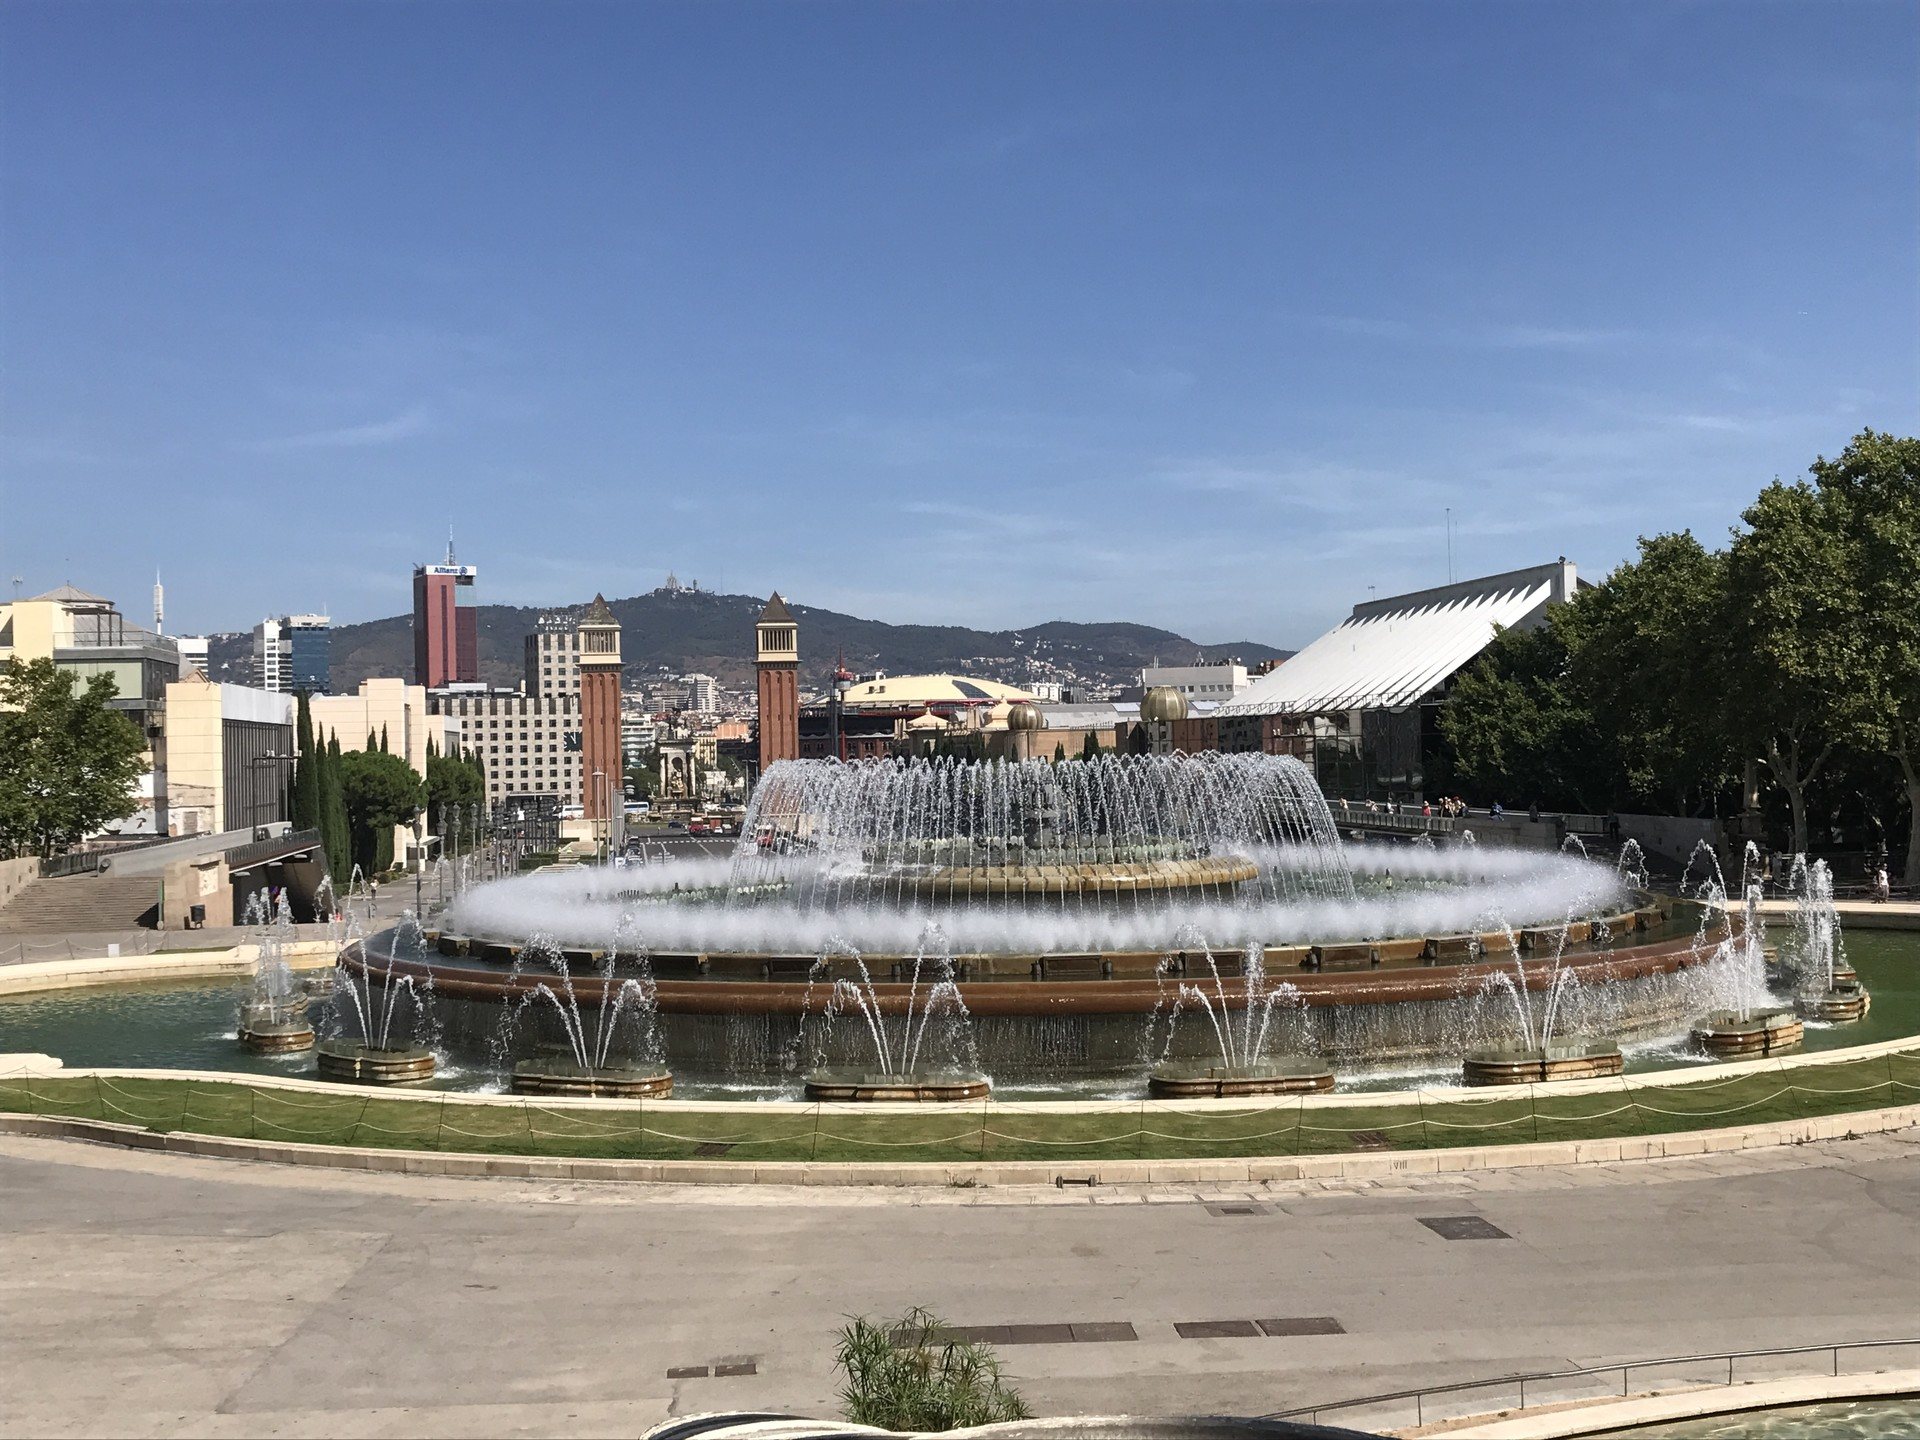 Museu Nacional d'Art de Catalunya, Spain